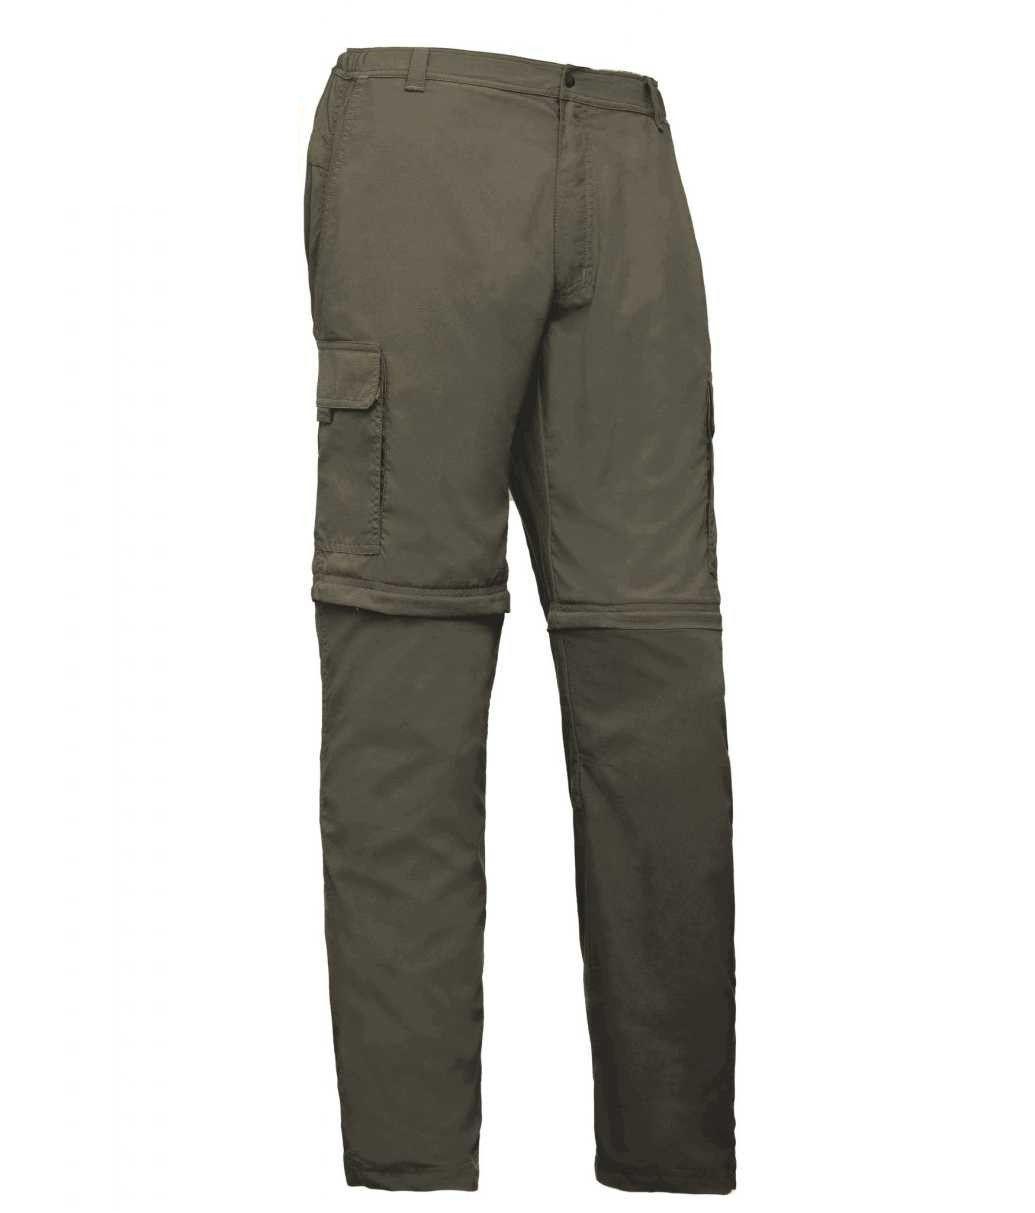 Calça Bermuda masculina Solo Explorer